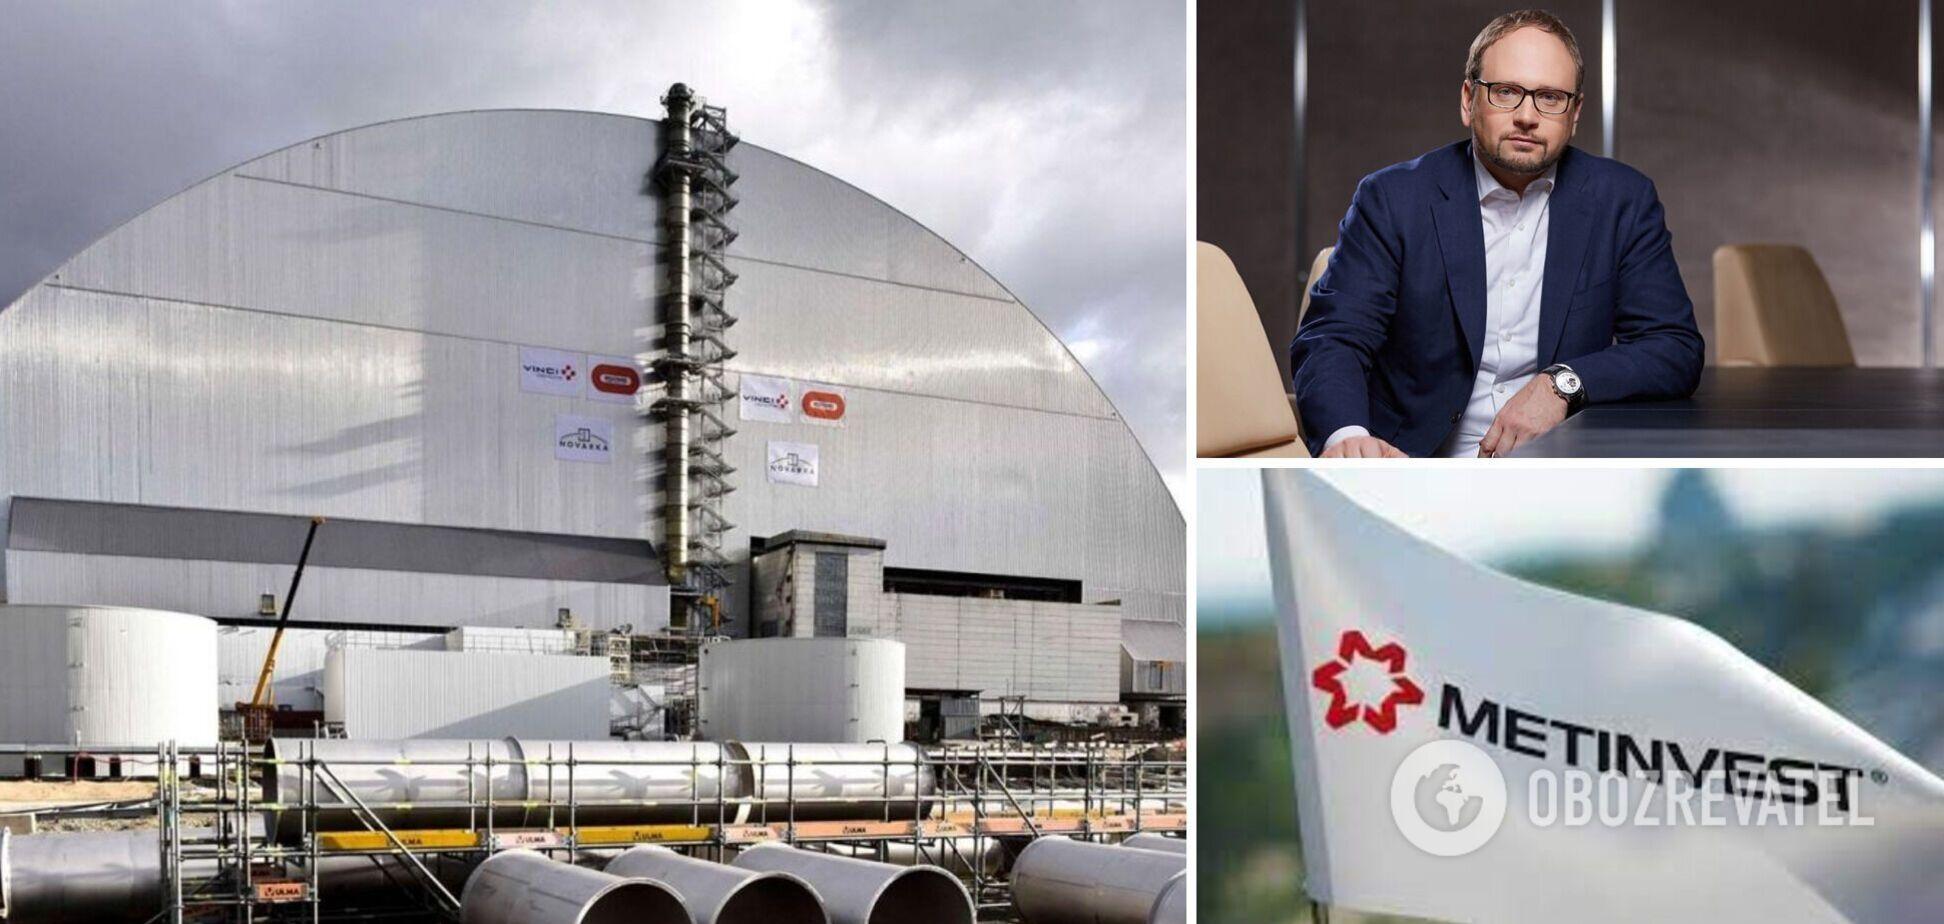 'Метинвест' помог построить объект 'Укрытие' на Чернобыльской АЭС